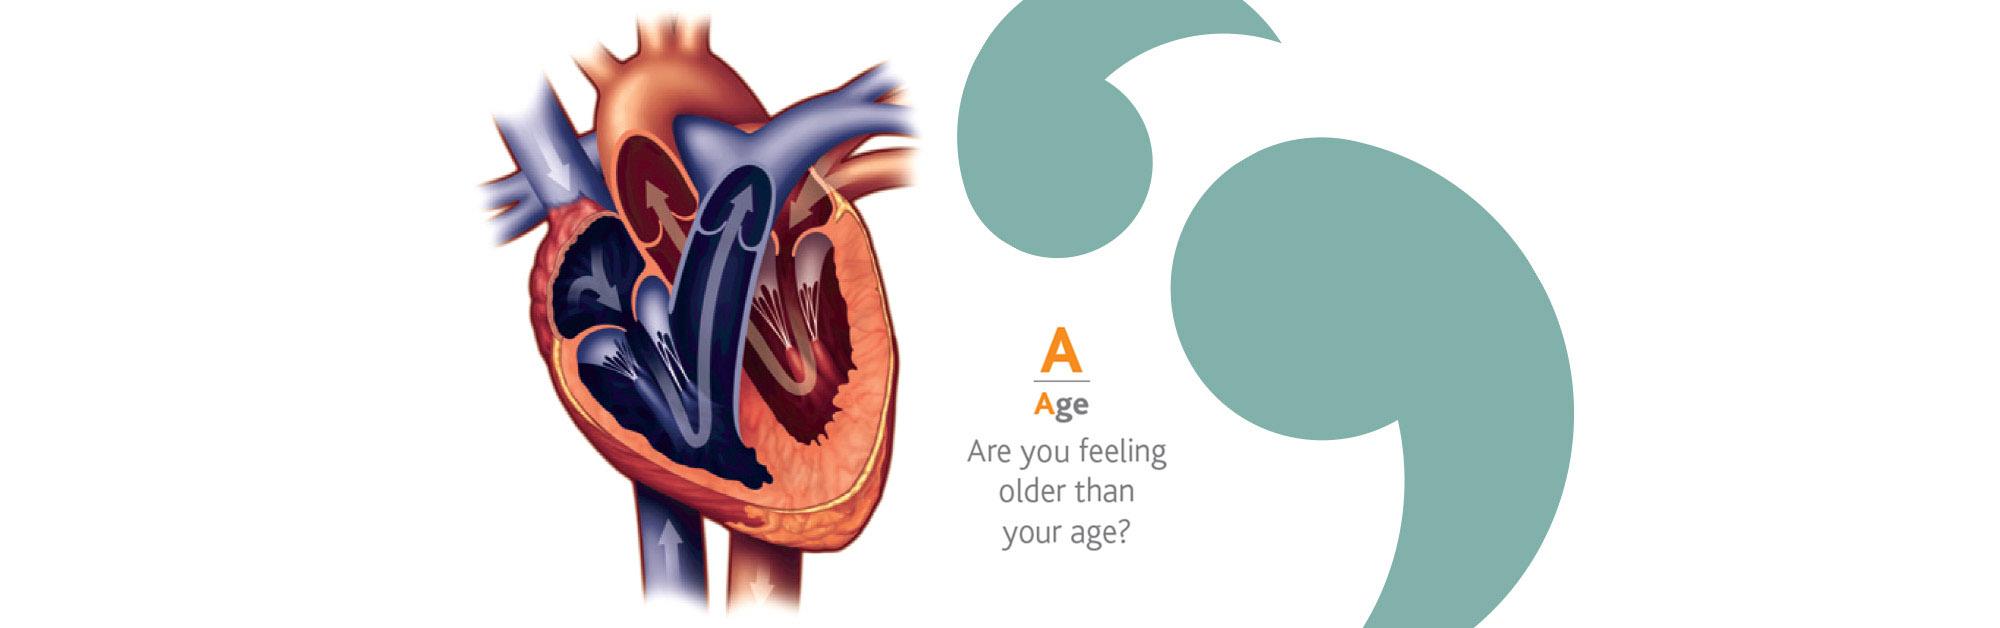 Heart check - A copy 2.jpg